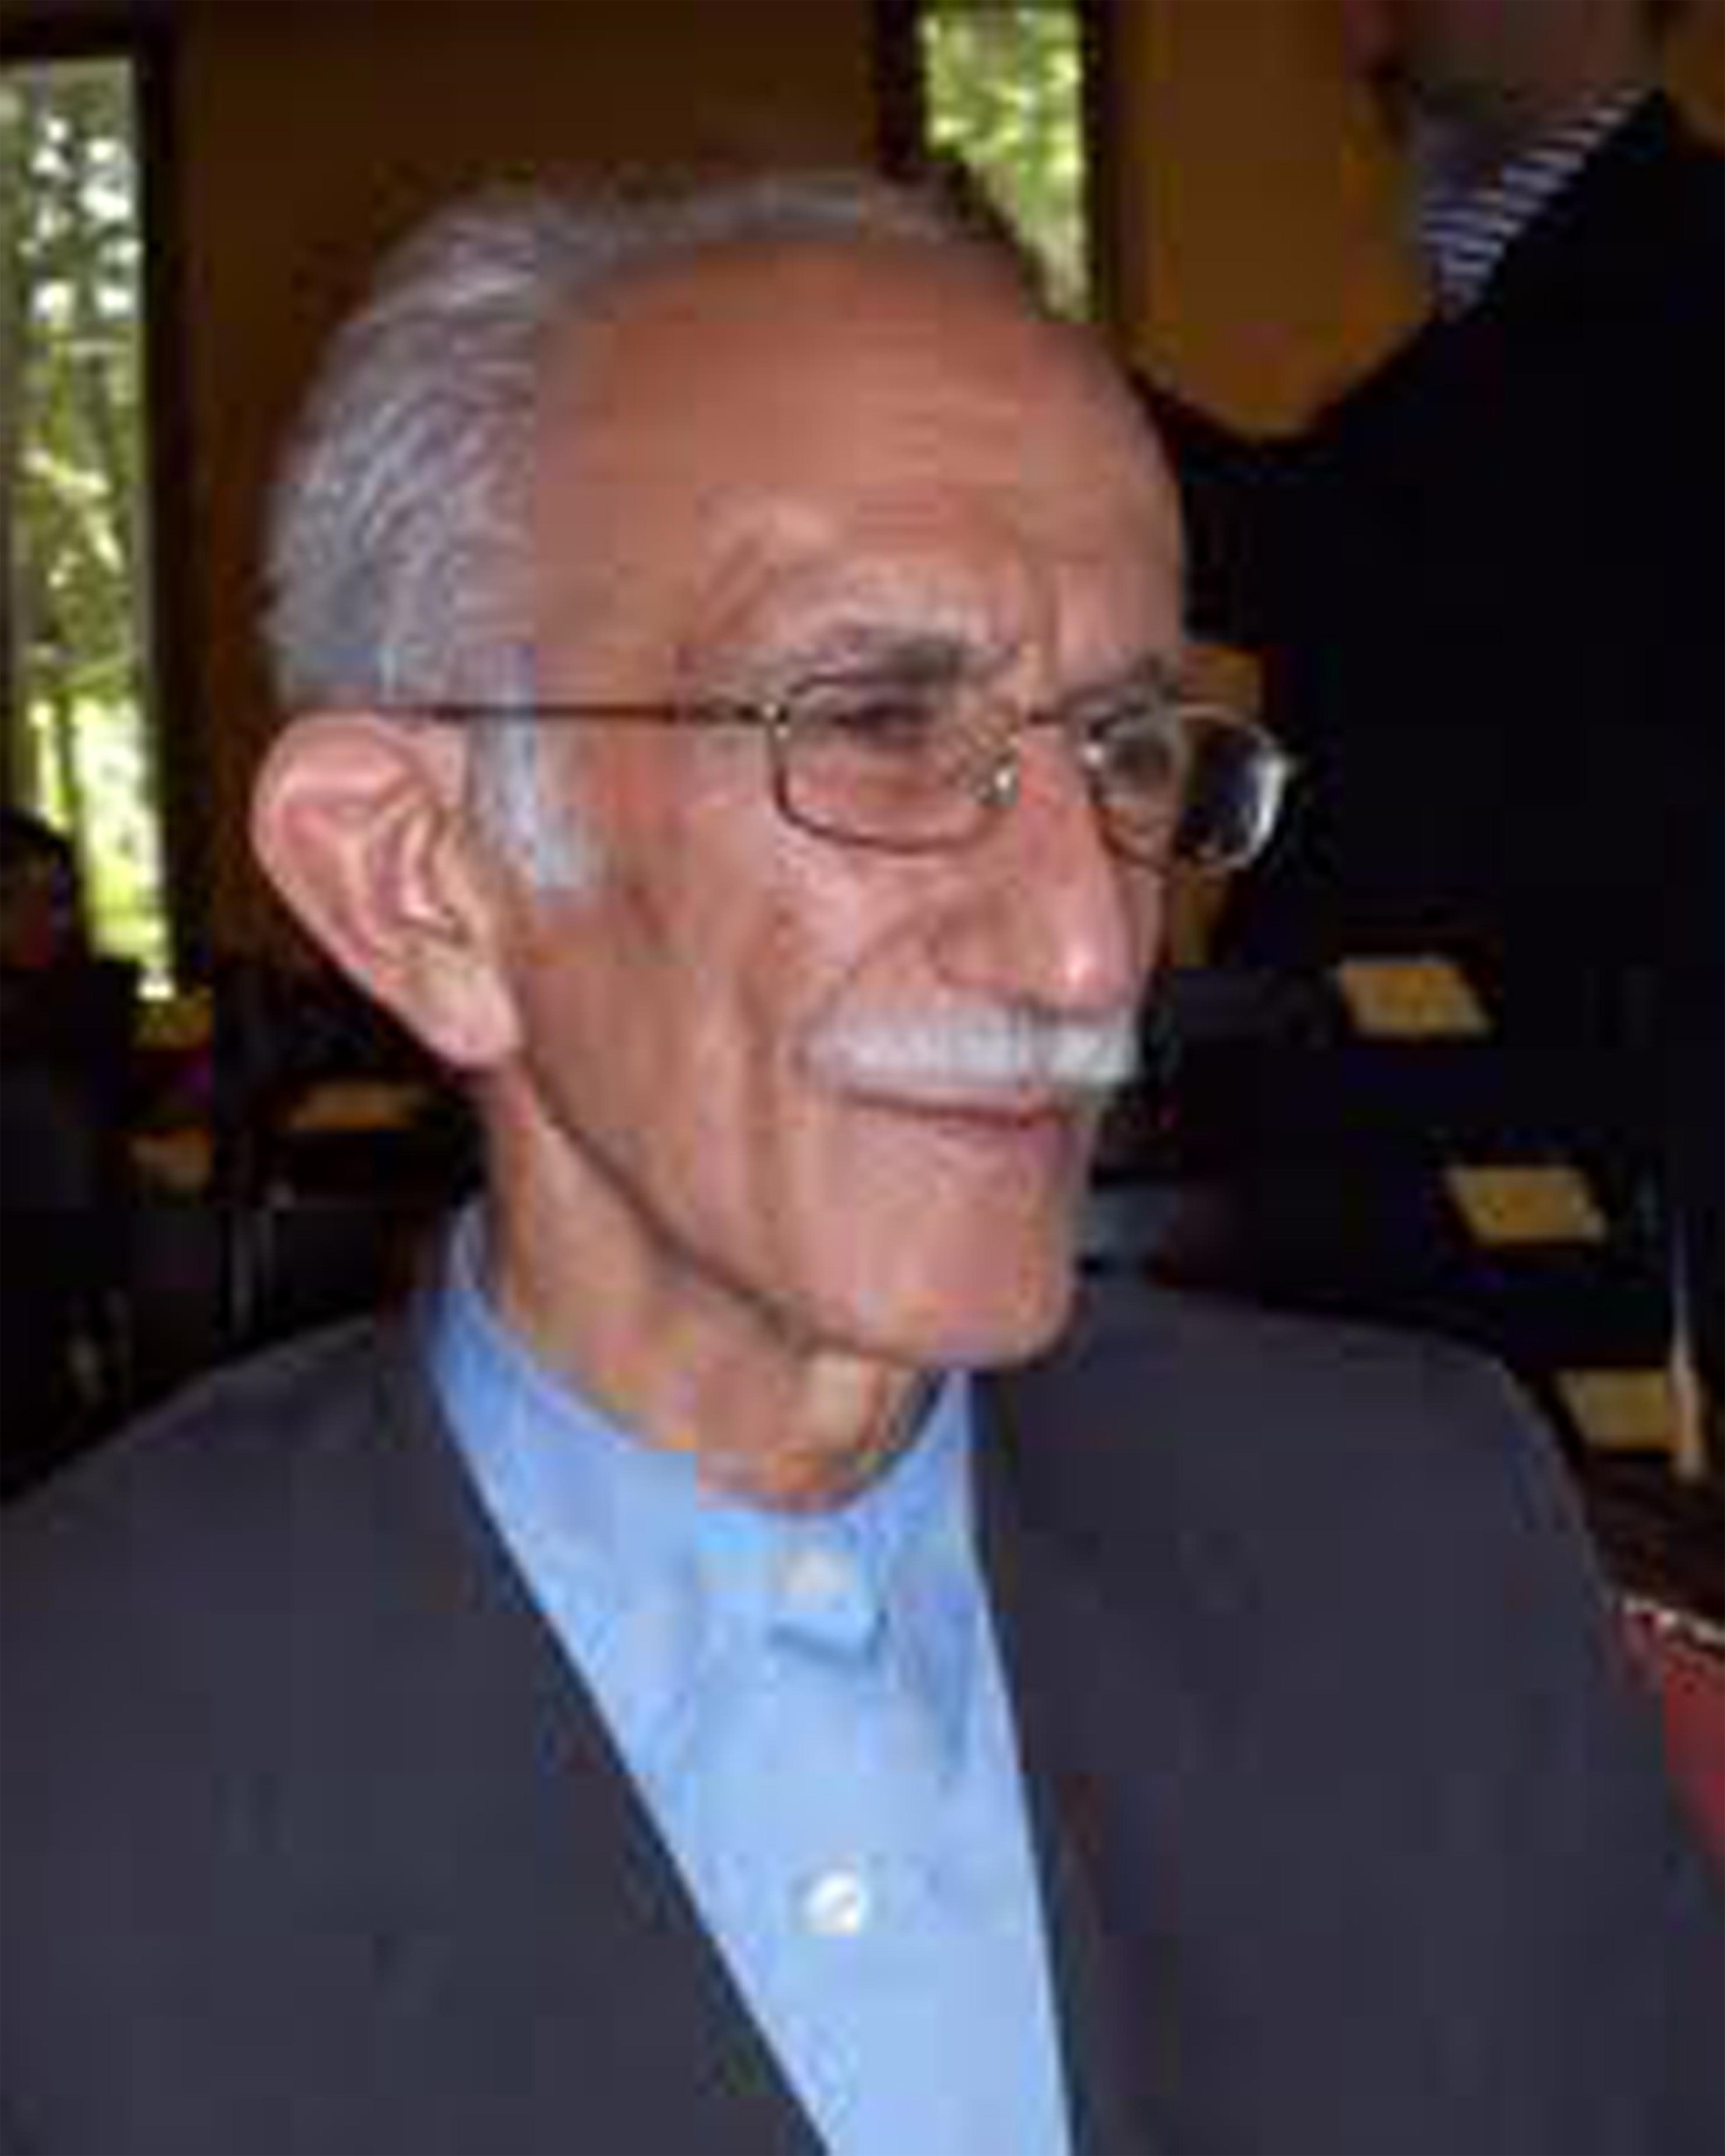 رئیس شورای ارزشیابی، استاد غلامحسین امیر خانی + آثار